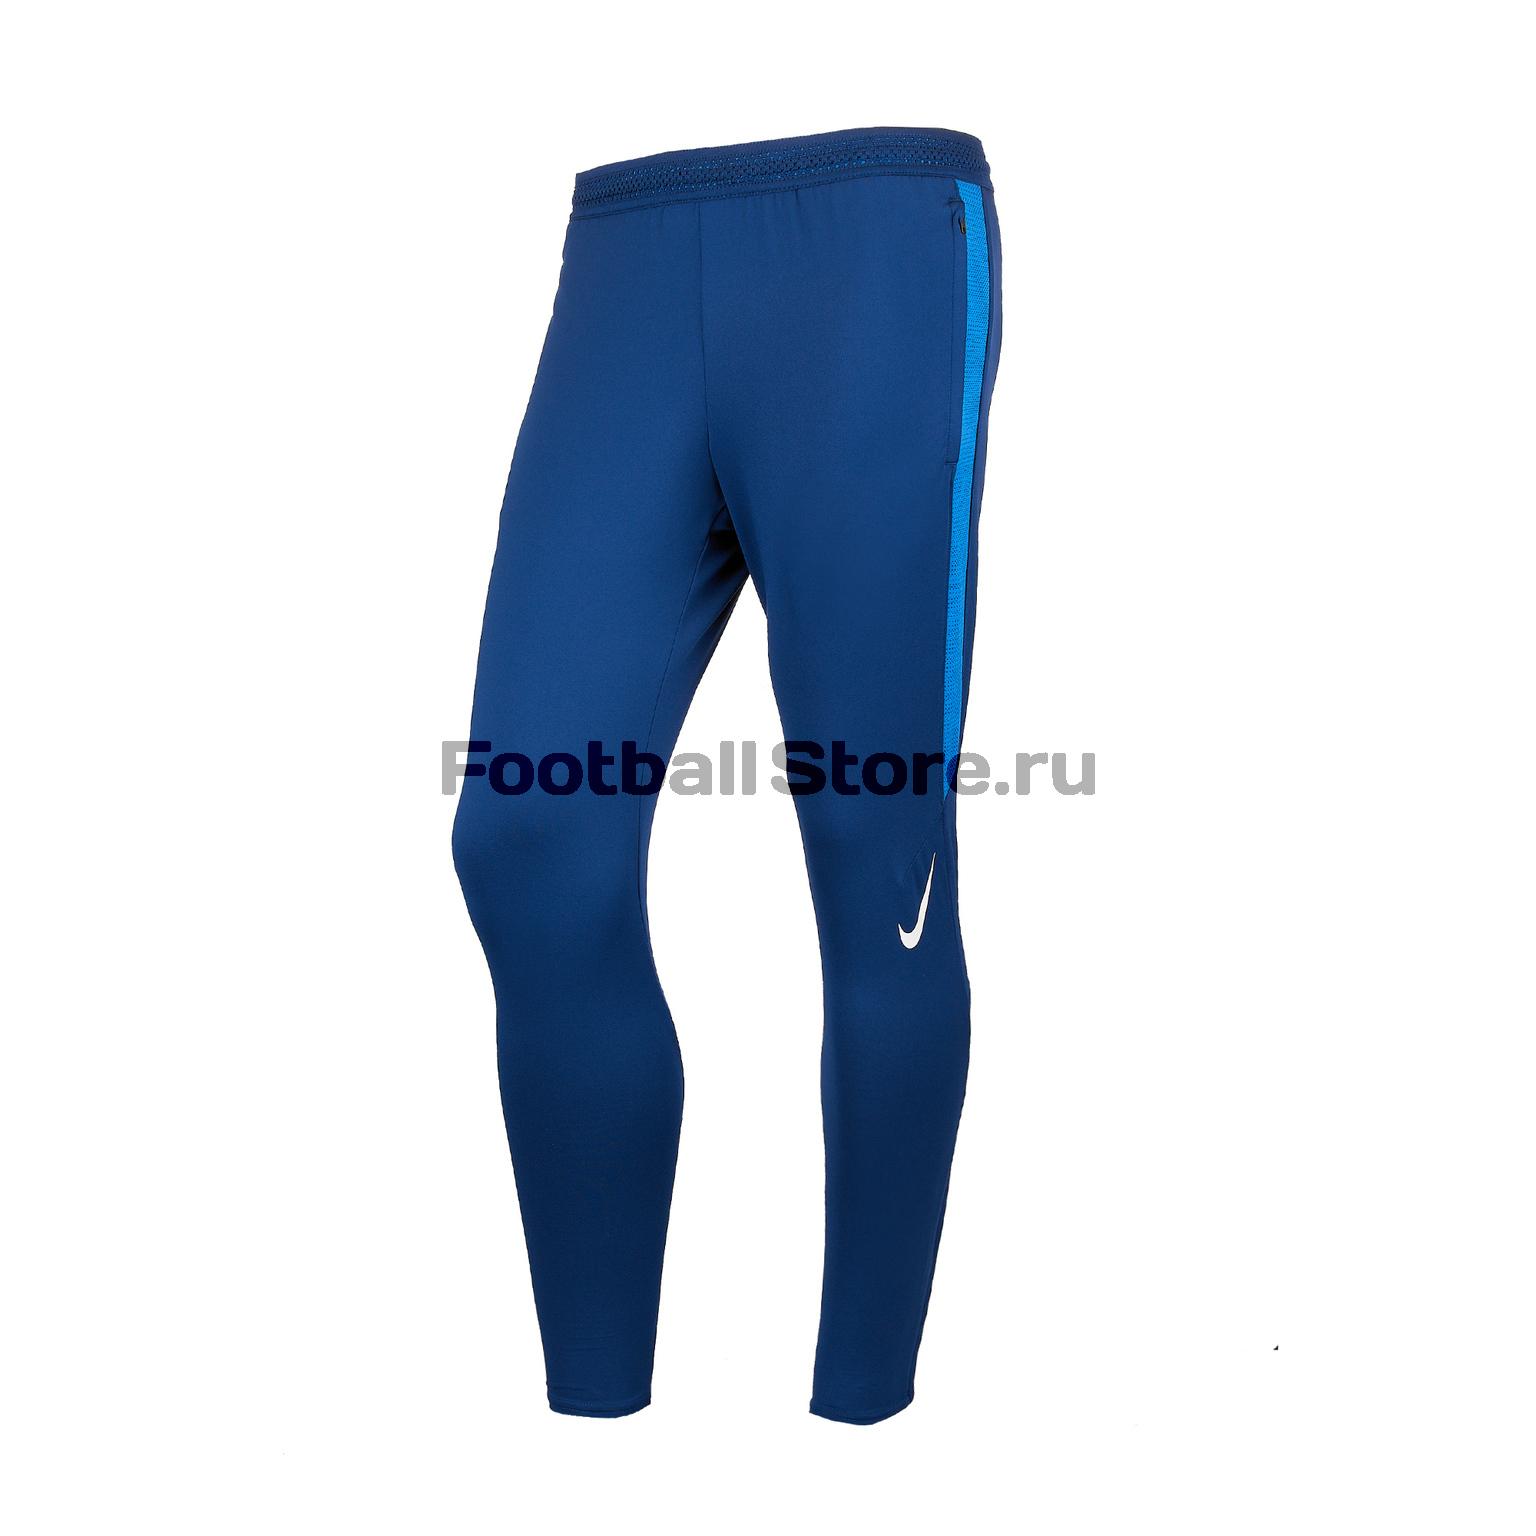 все цены на Брюки тренировочные Nike Dry Strike Pant AT5933-407